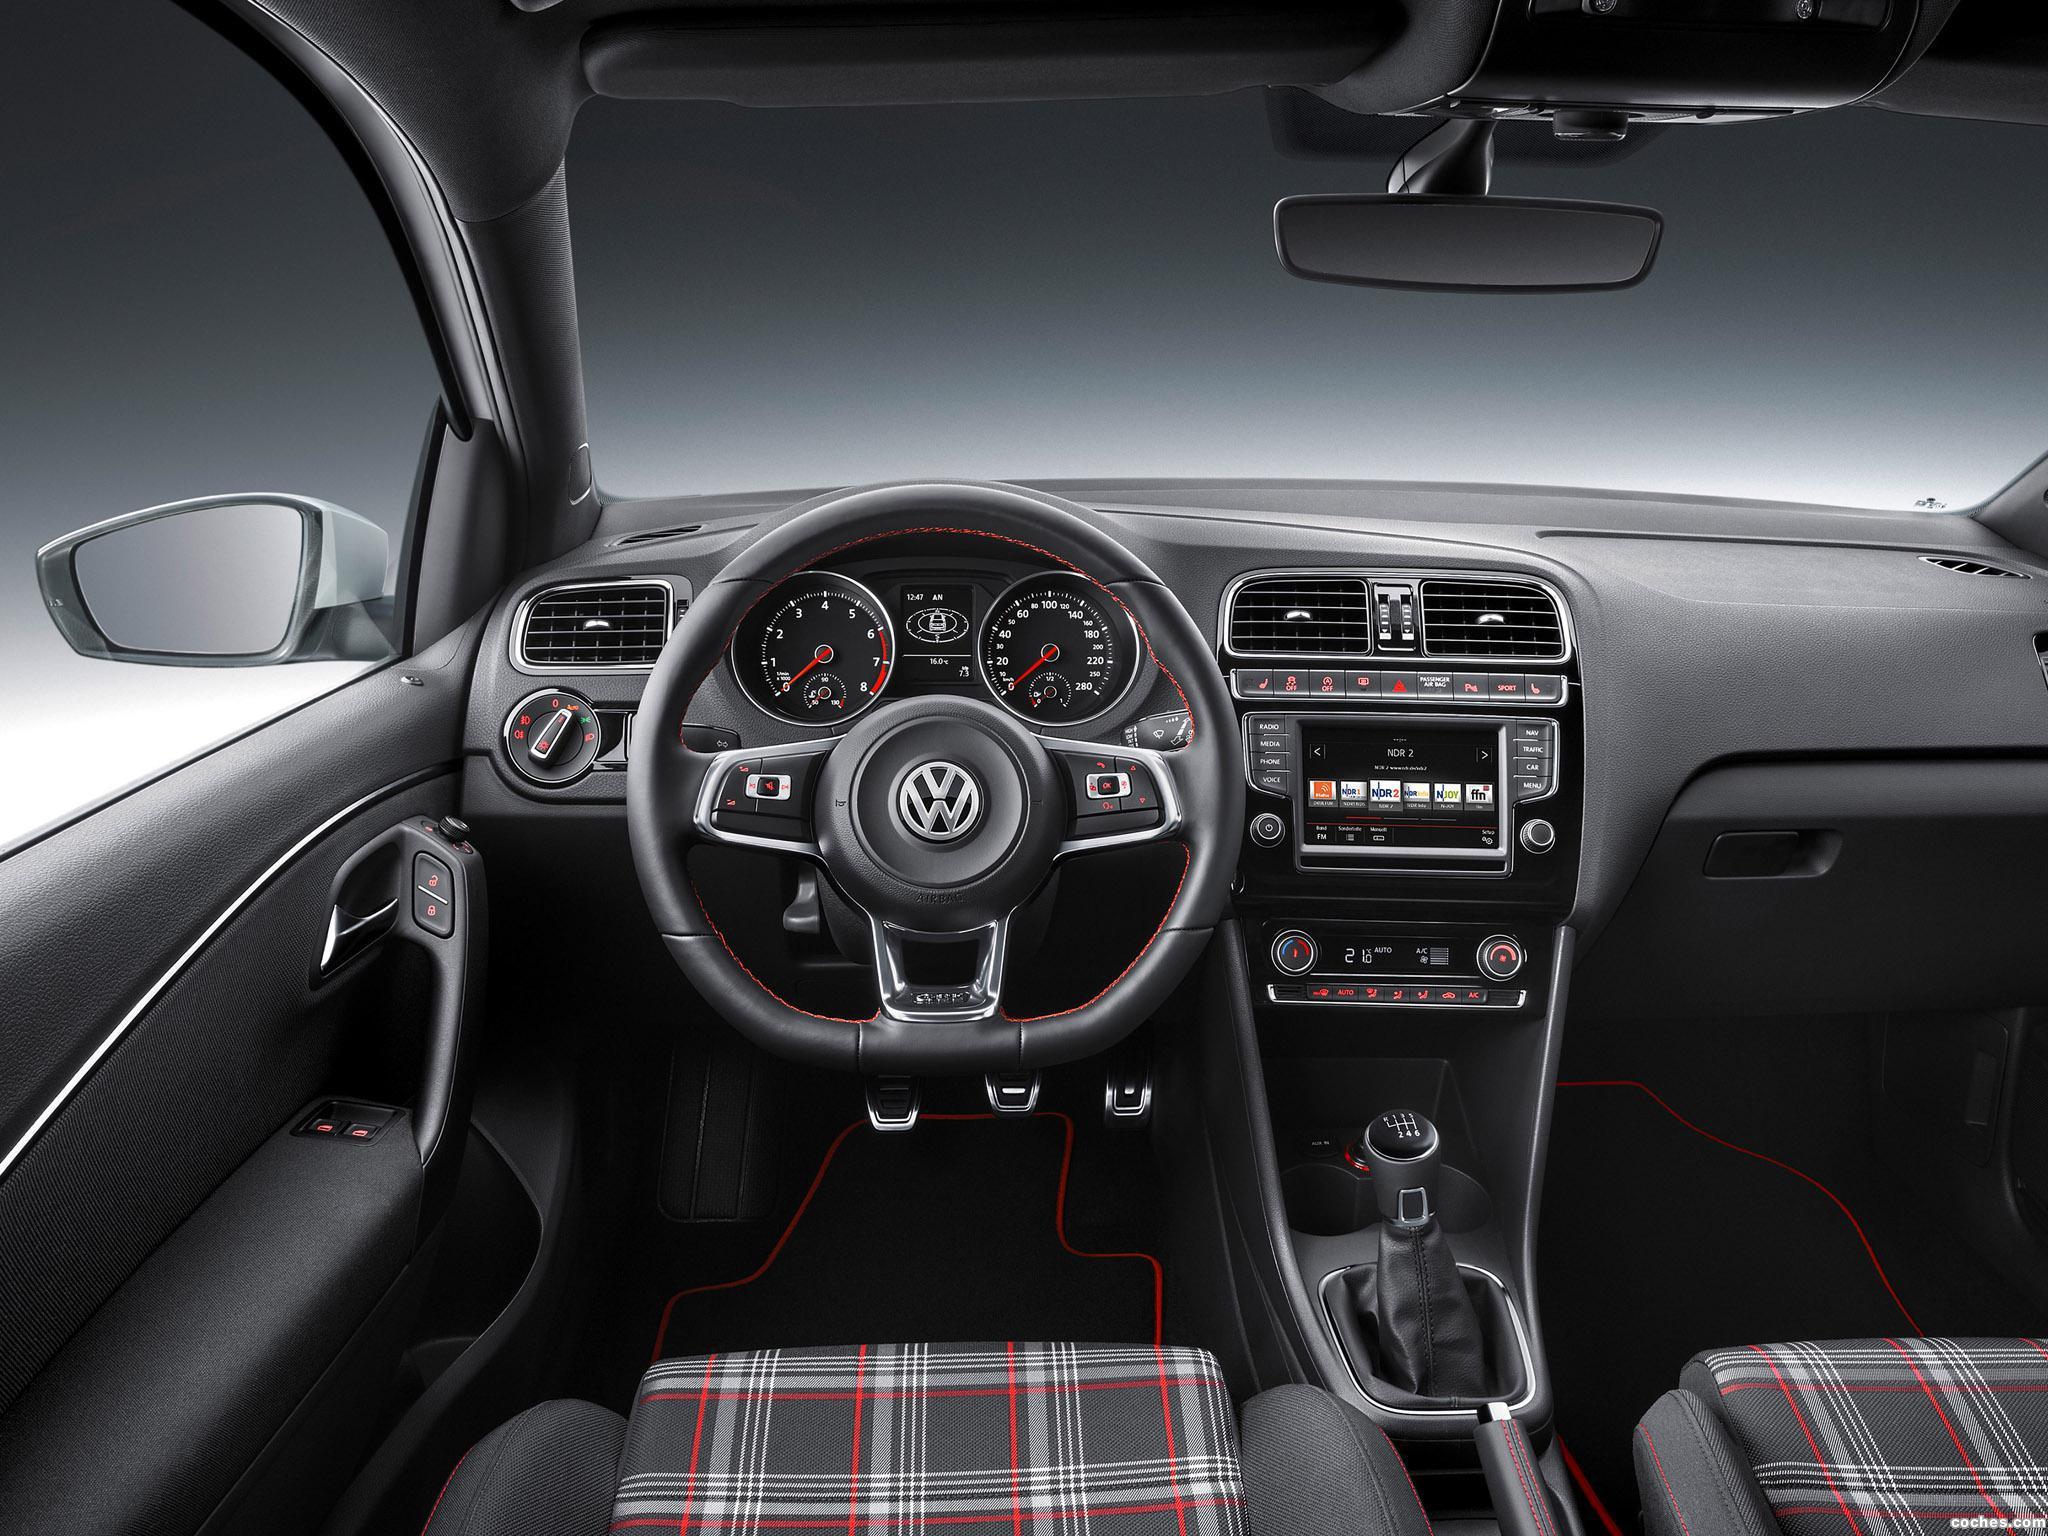 Foto 12 de Volkswagen Polo GTI 3 puertas 2014